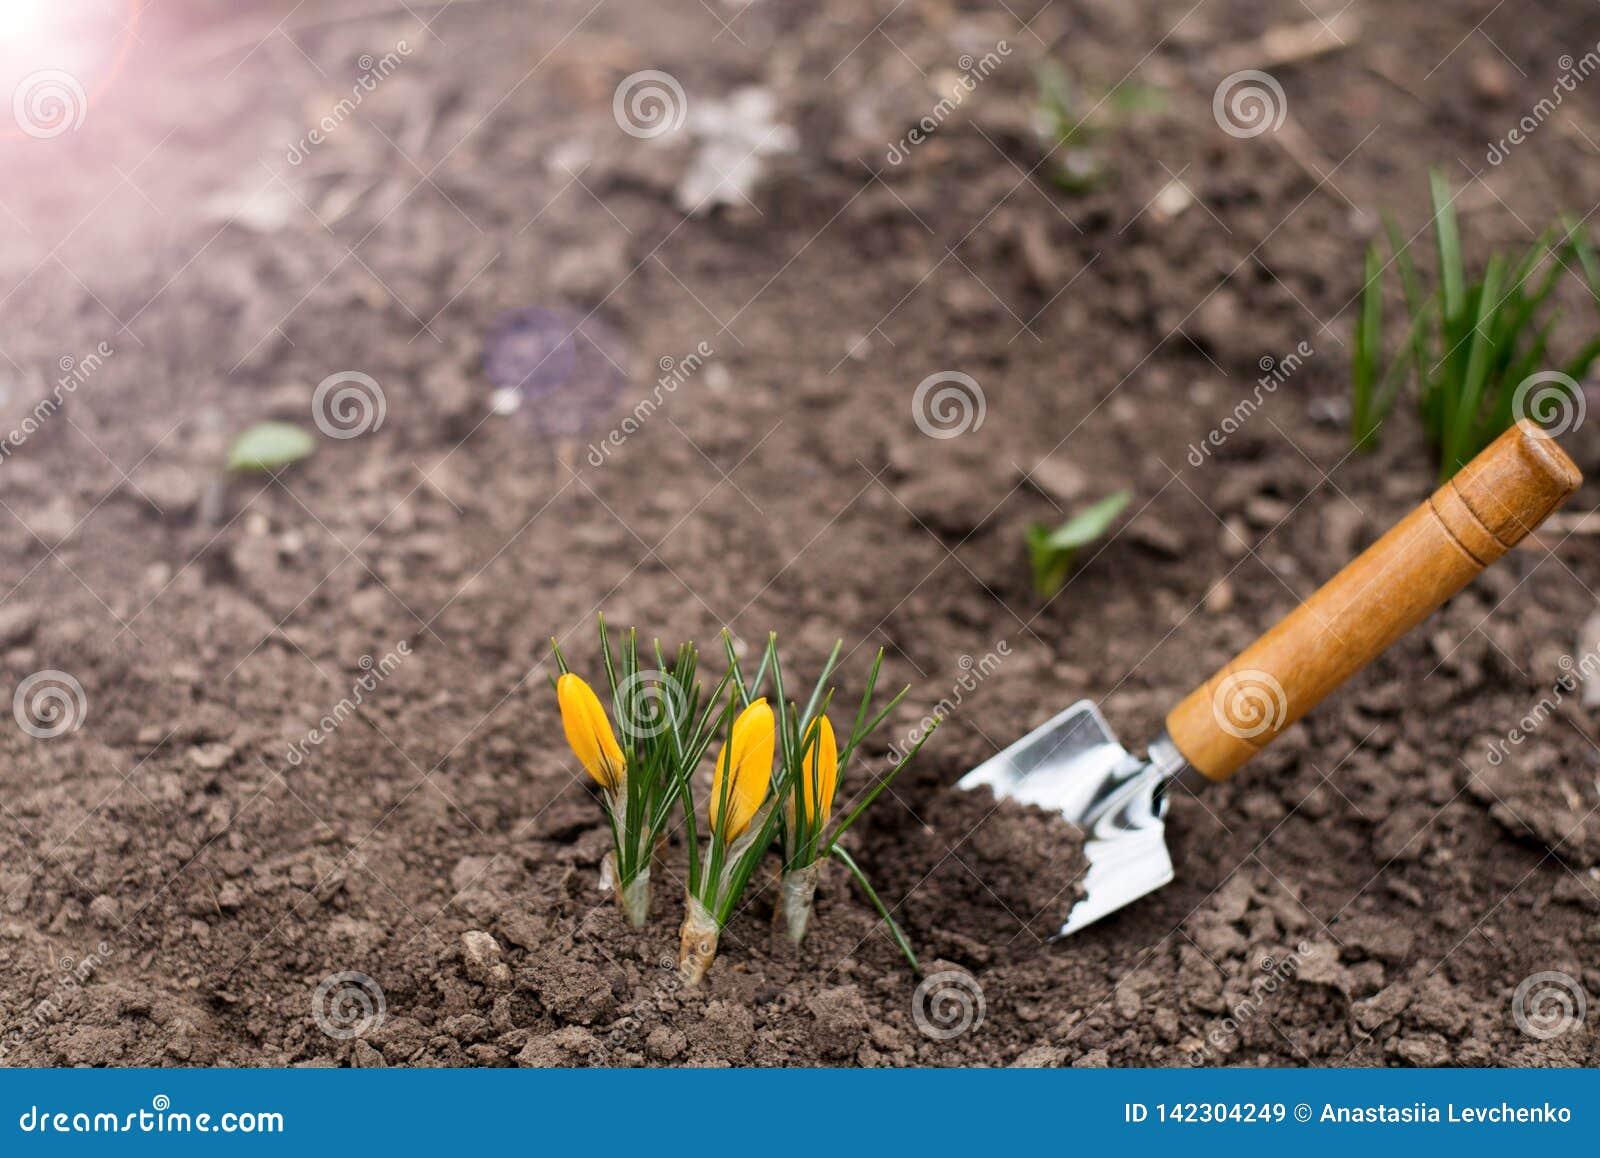 Första vårforsar placera text kopiera avstånd arbeta i trädgården för begrepp Vår mot bakgrund field blåa oklarheter för grön vit